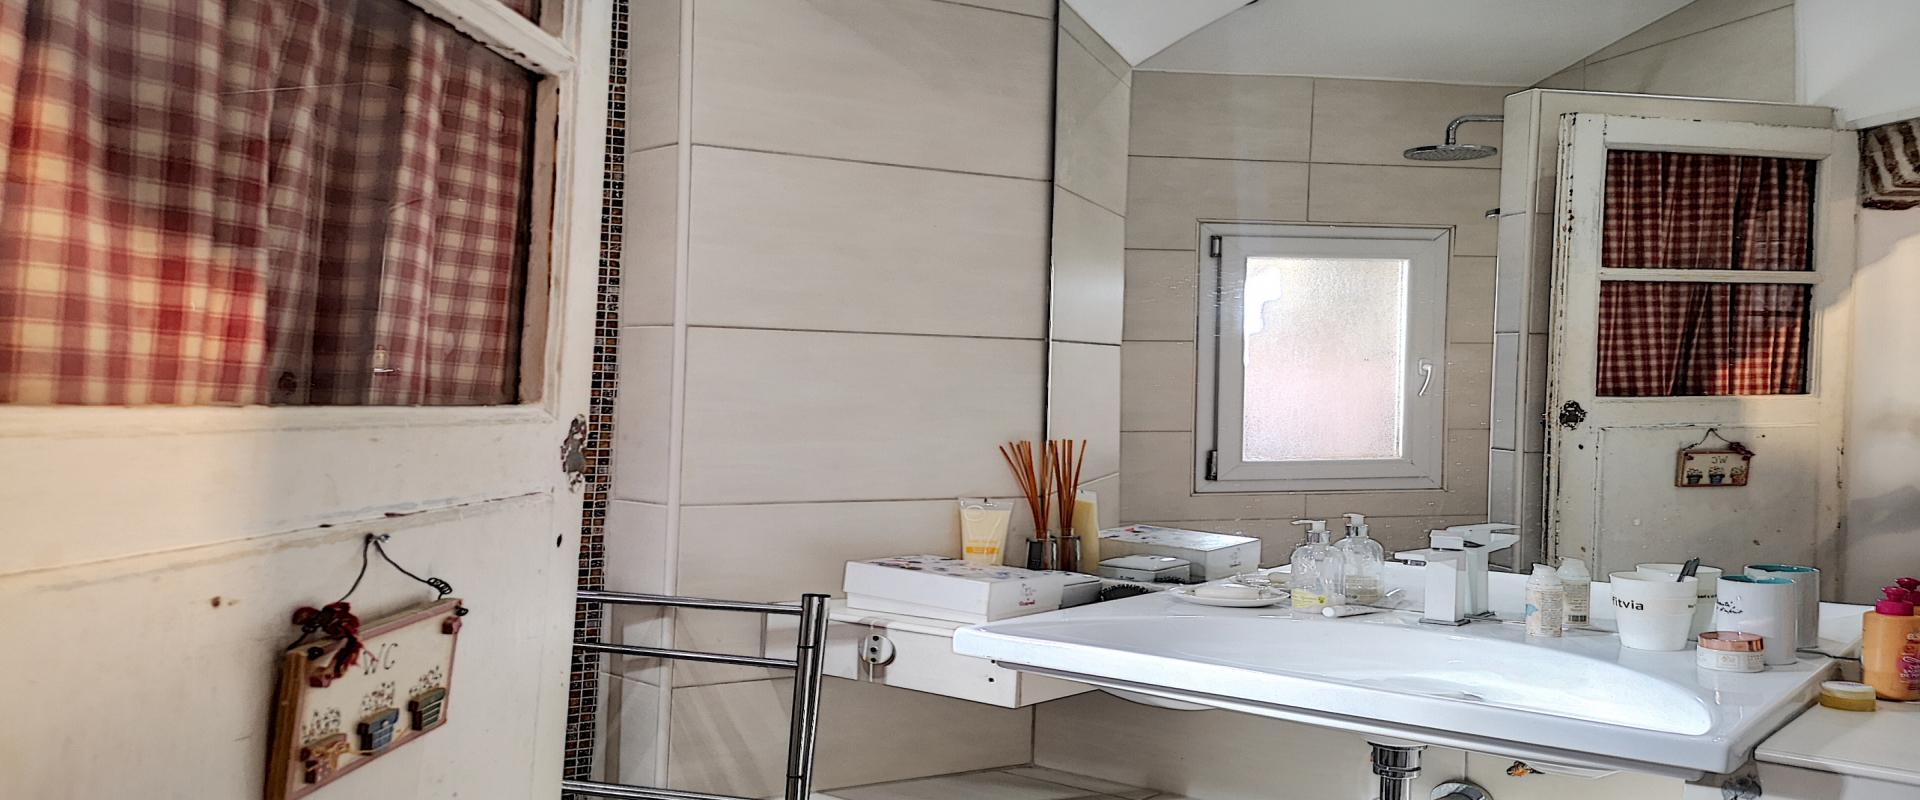 F2 meublé à louer au cœur de la ville d'Ajaccio salle de douche